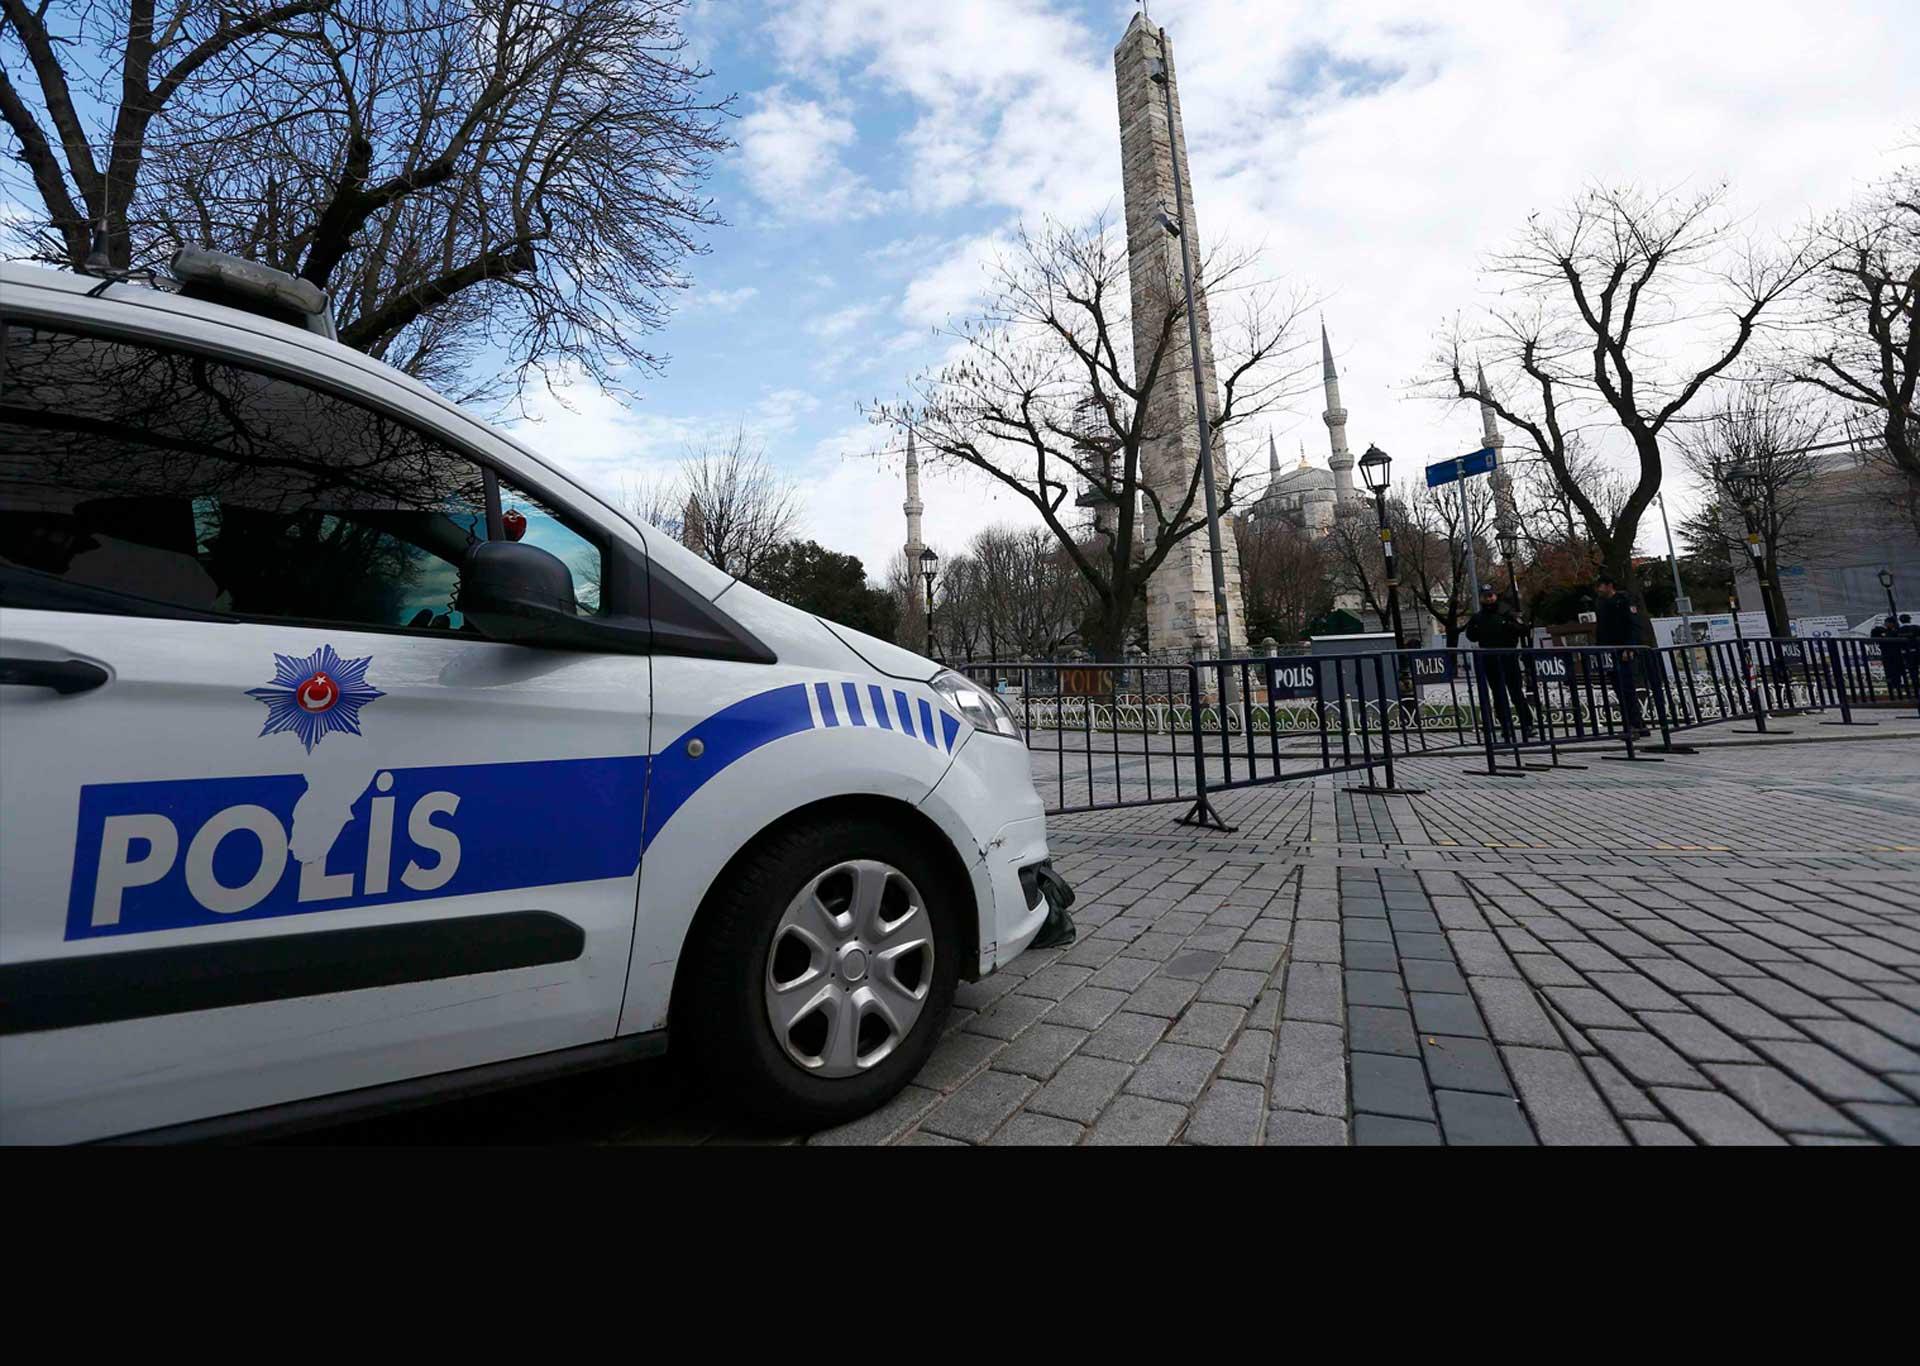 La policía aseguró que de seis instituciones, en cinco no había peligro